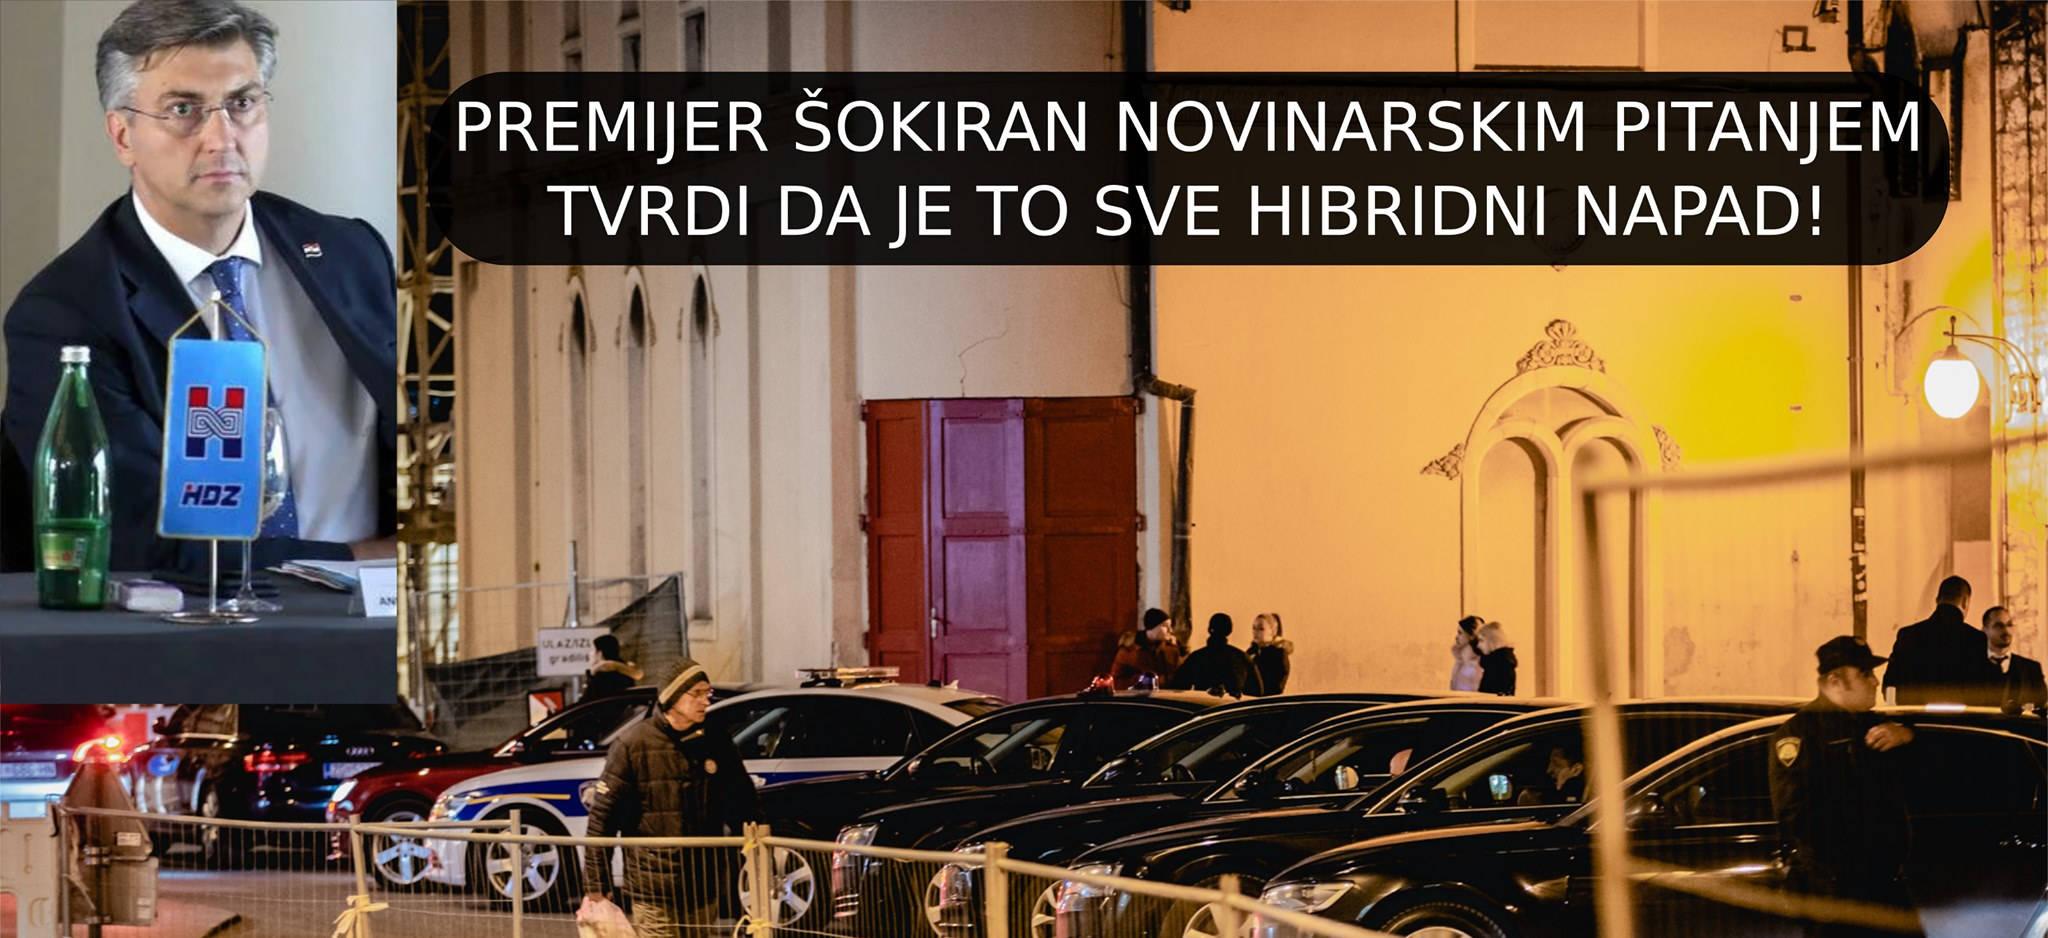 HDZ unutarstranački dernek i parking kod šibenskog kazališta